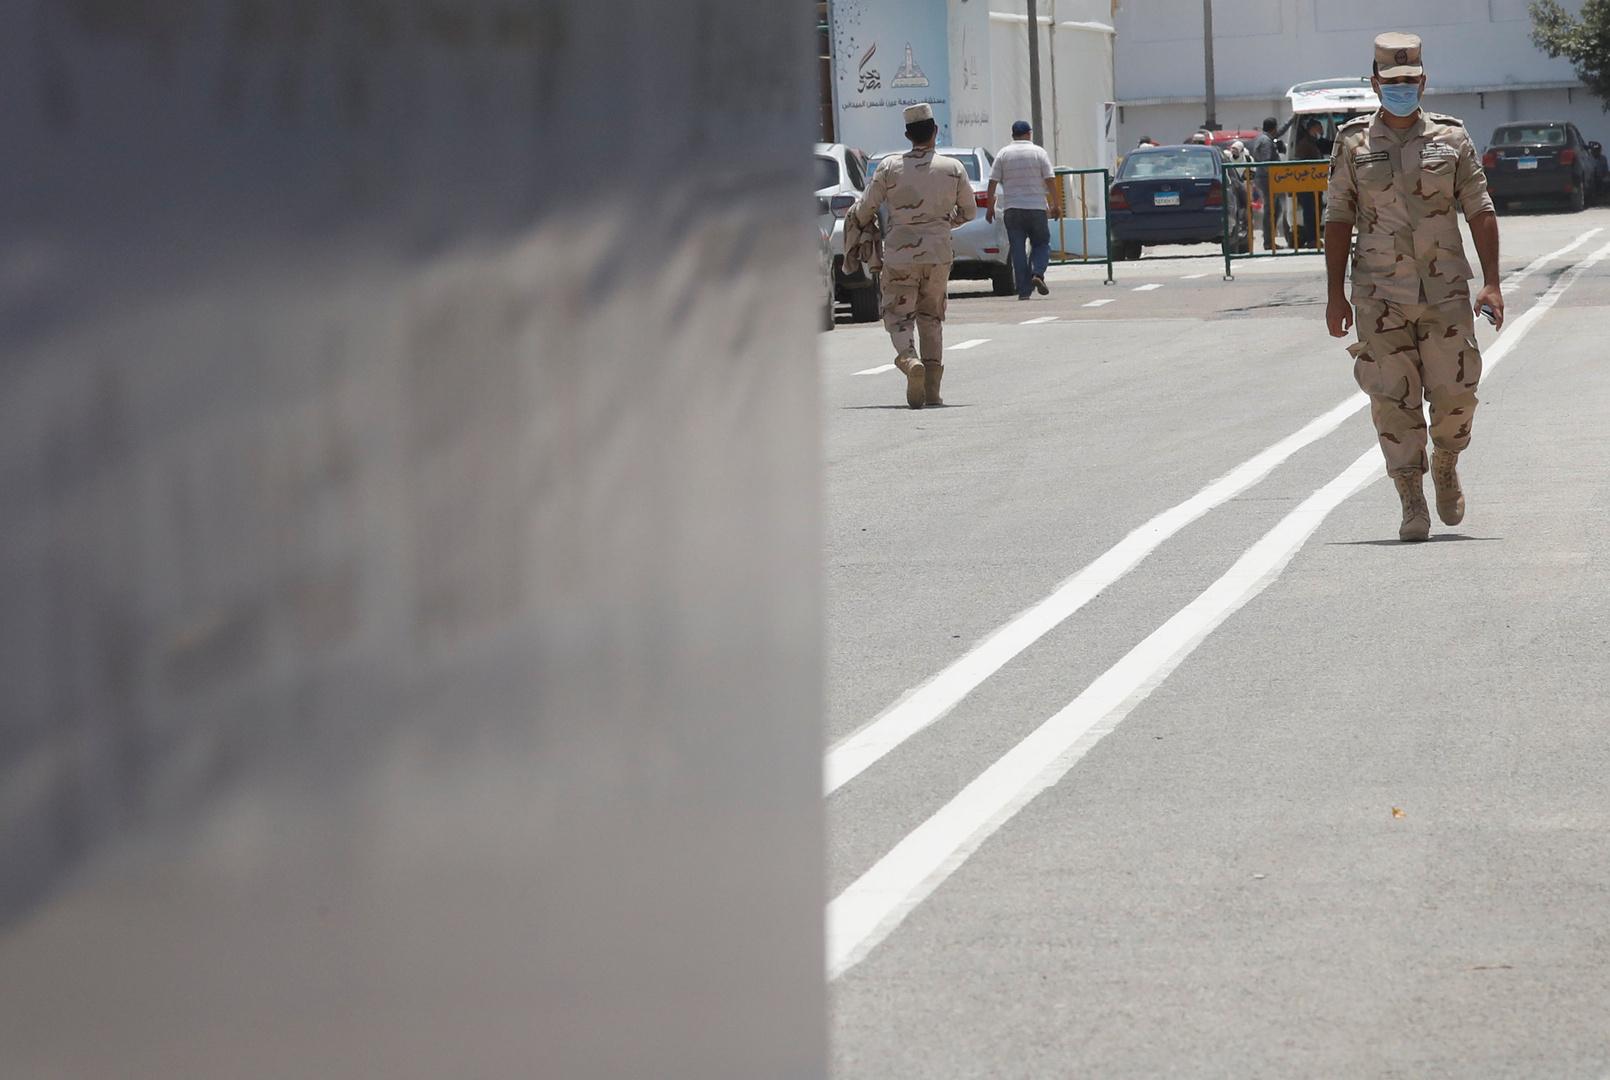 الجيش المصري يستعد لمواجهة الكوارث